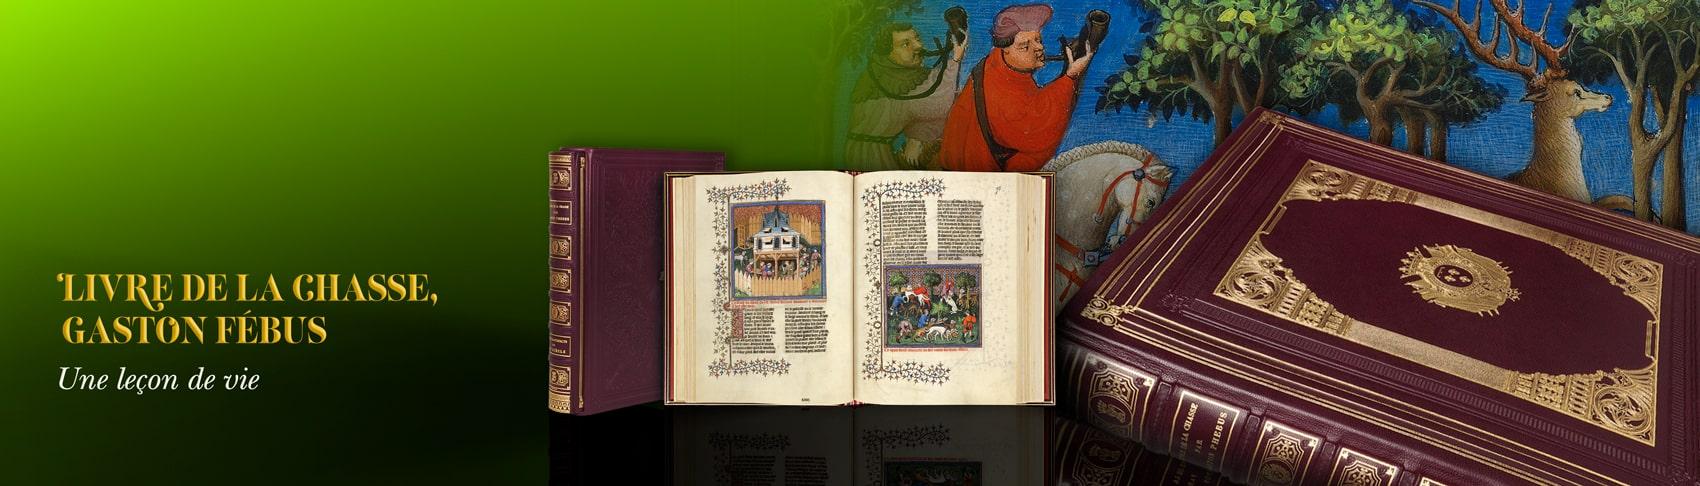 Livre de la Chasse de Gaston Fébus, un manuscrit du gothique international qui nous offre une leçon de vie.